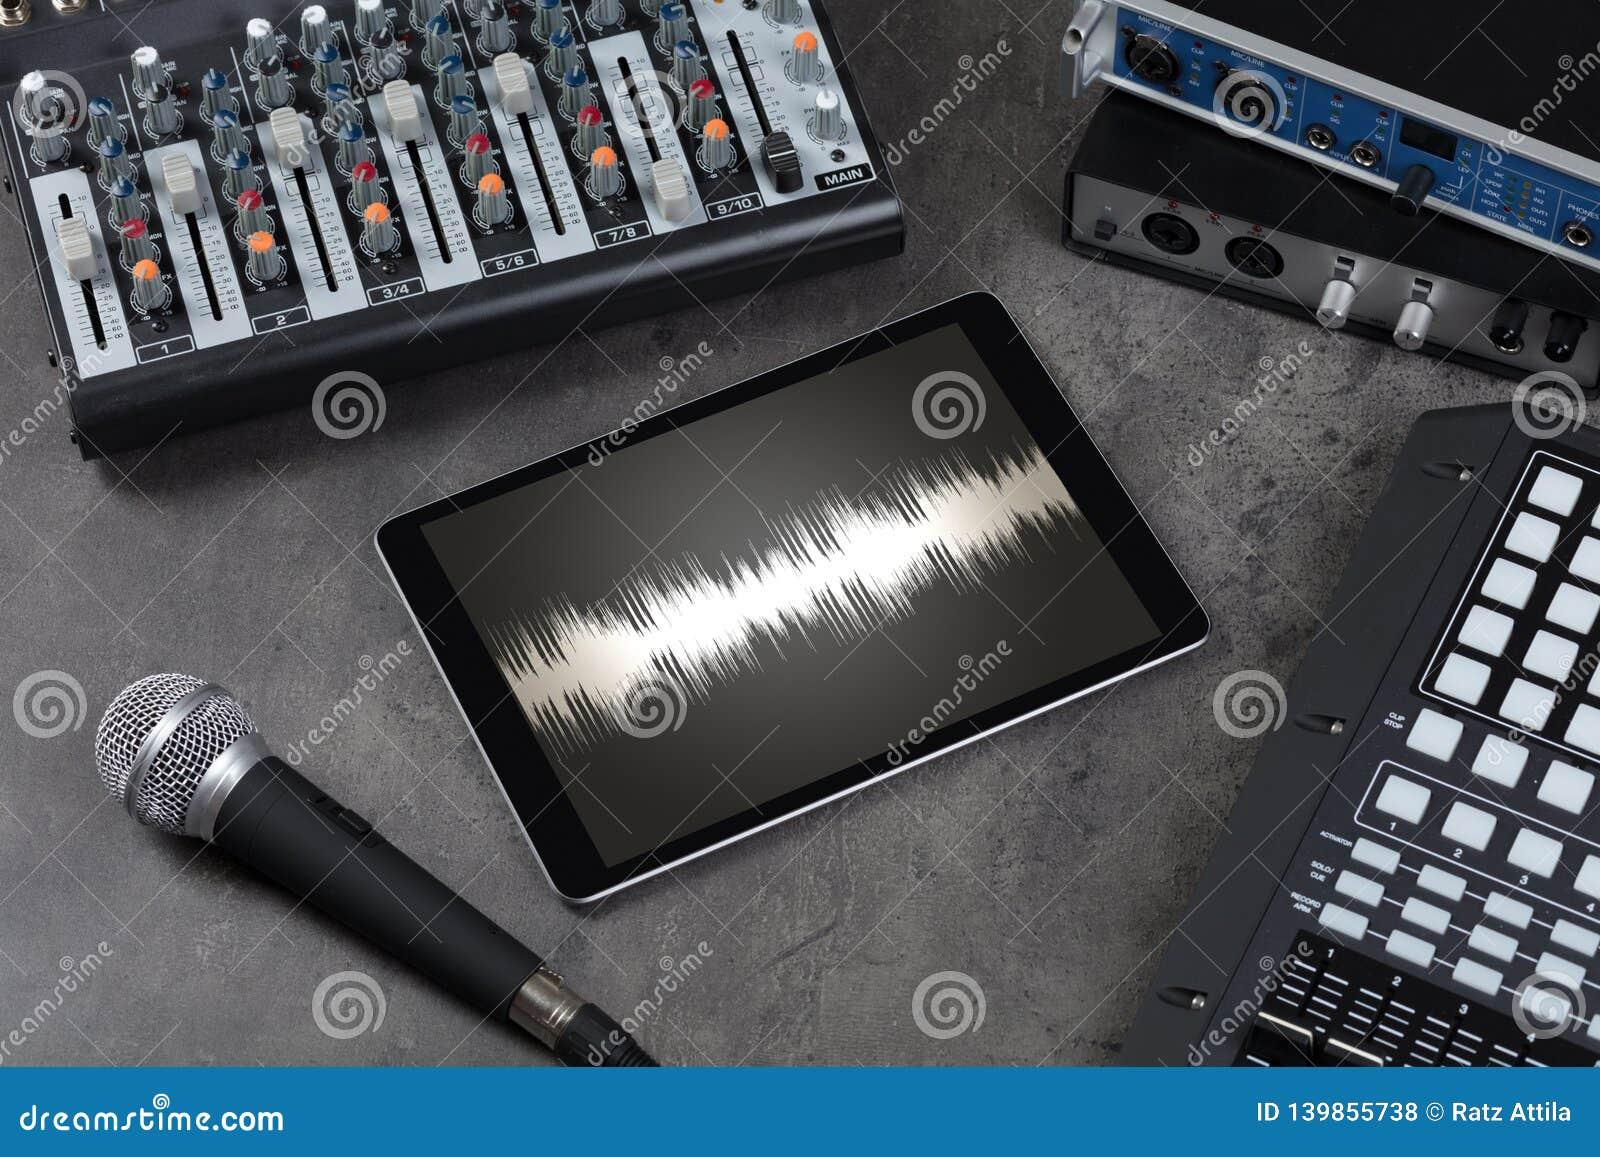 Tabuleta e instrumentos de música eletrônica